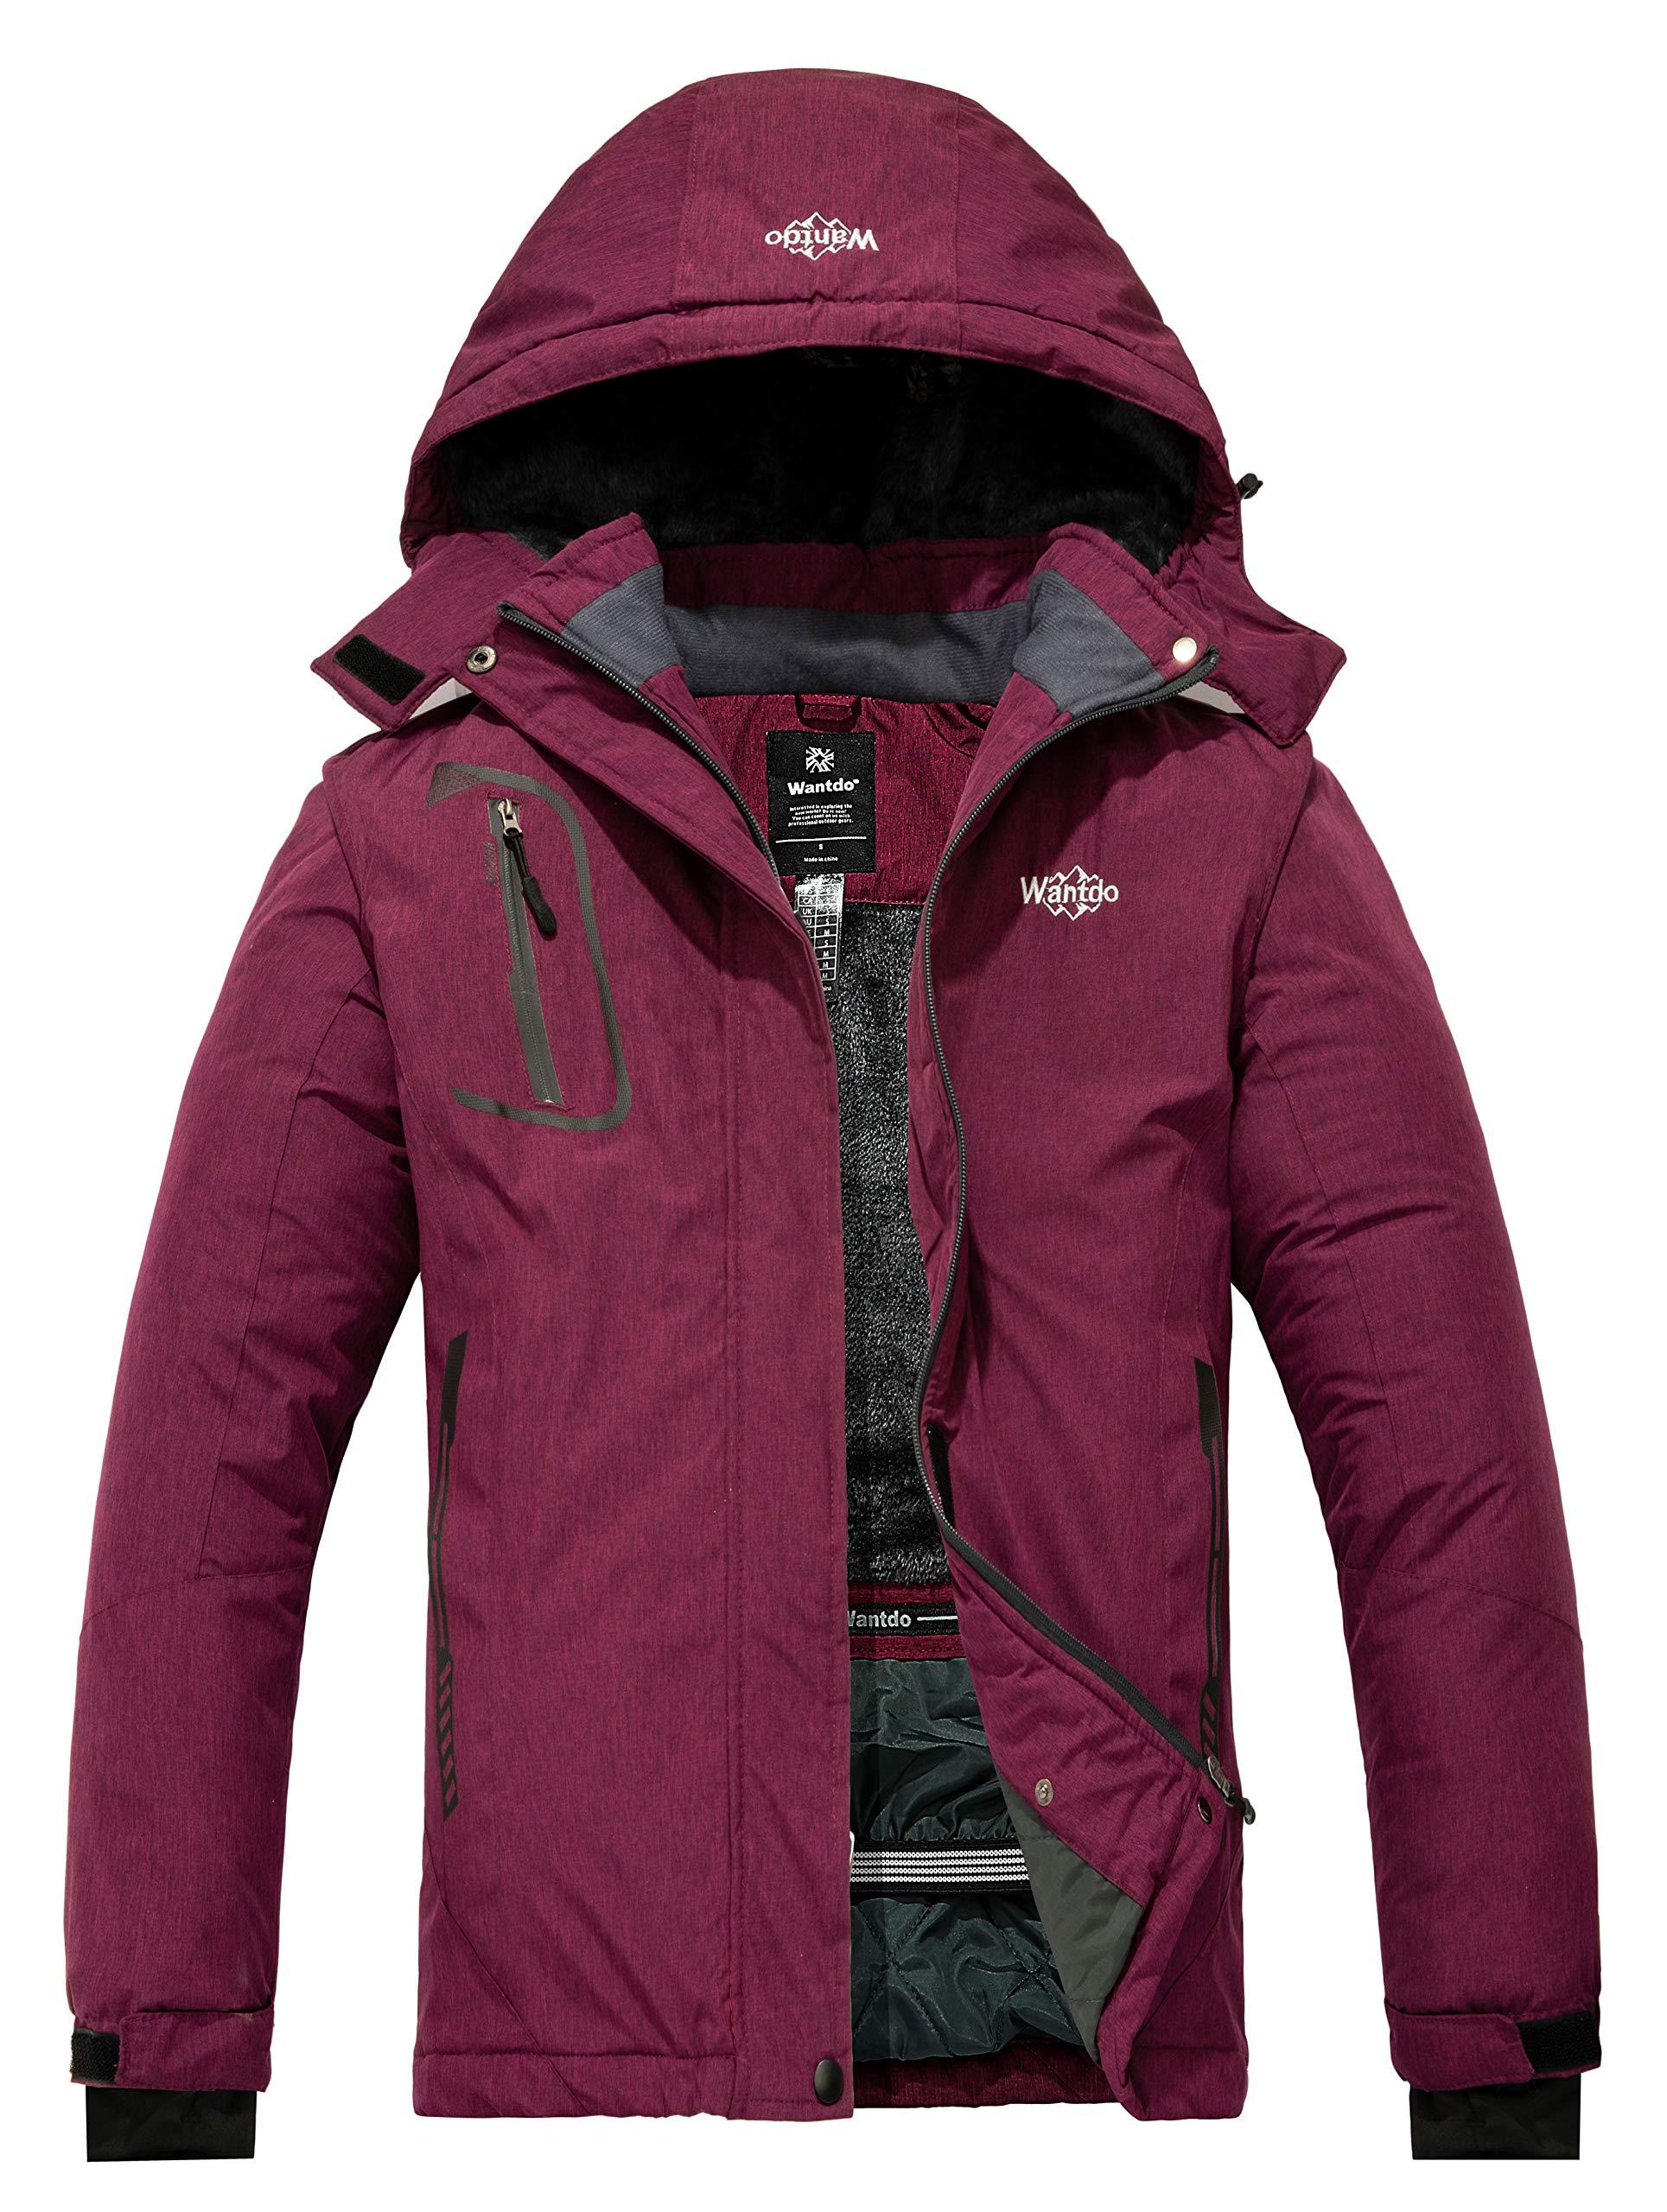 Wantdo Women's Mountain Waterproof Ski Jacket Windproof Rain Jacket Blending Purple Medium by Wantdo